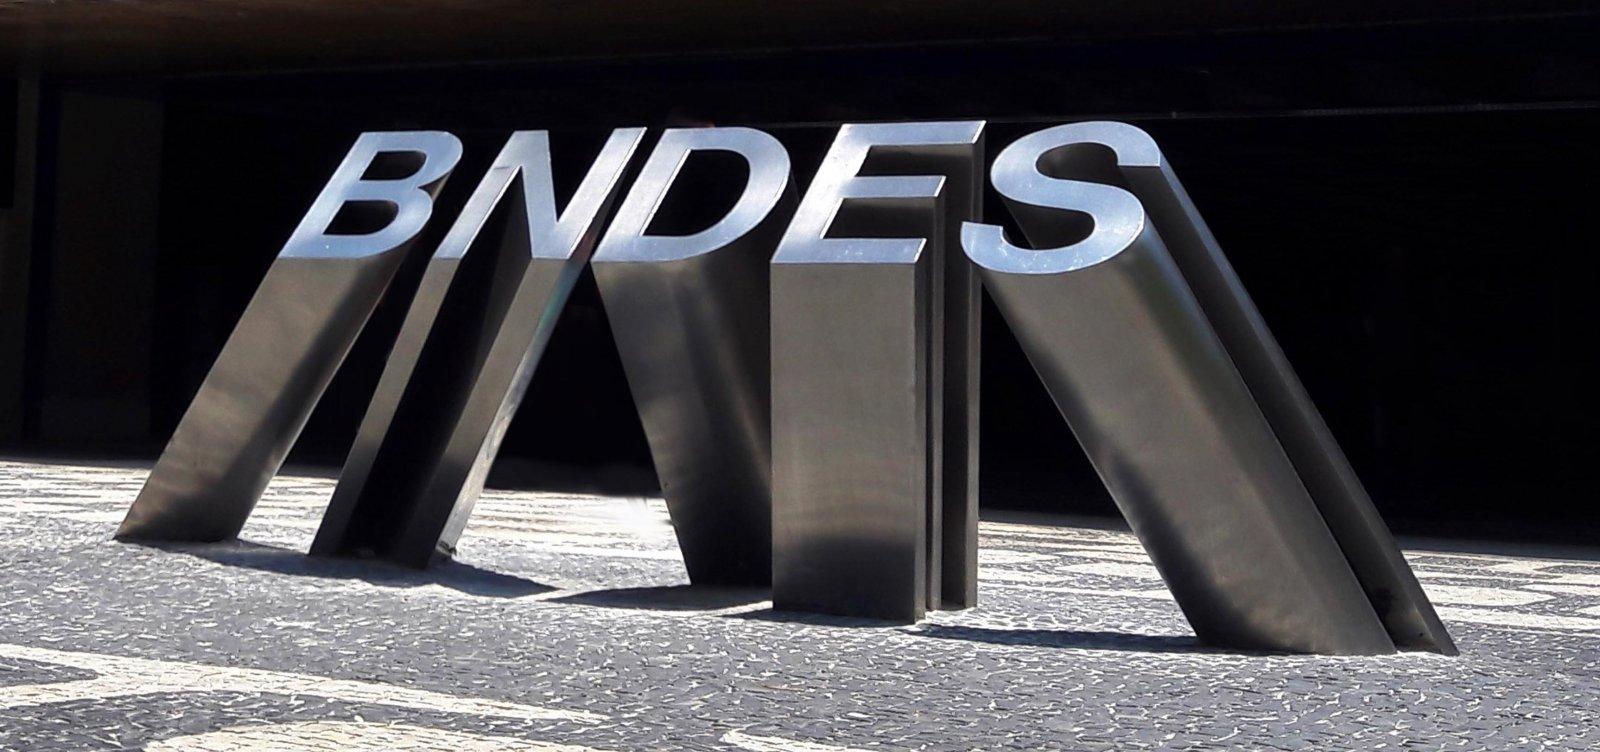 [BNDES irá pedir explicações à Ford sobre fechamento de fábricas no Brasil]